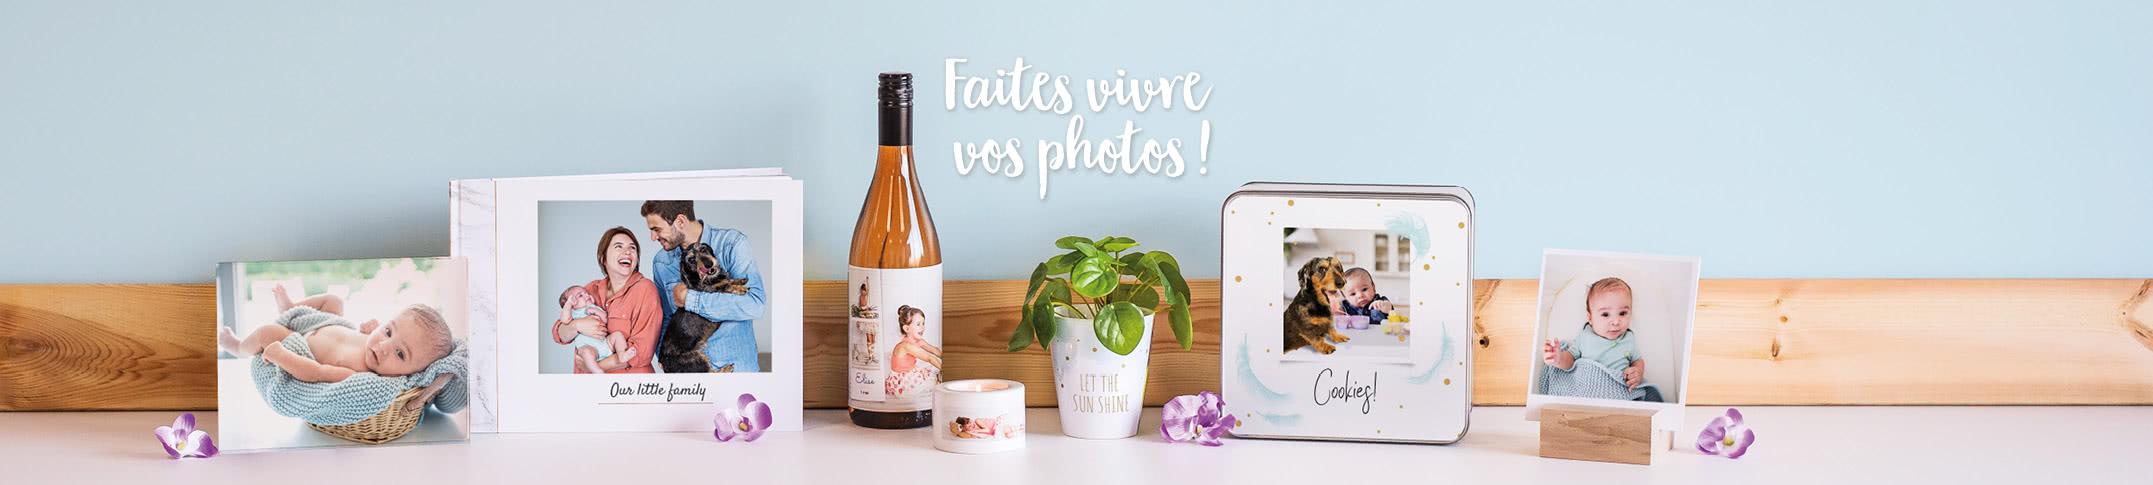 Offre du mois de juillet 2020 smartphoto Belgique - impression photo et cadeaux personnalisés